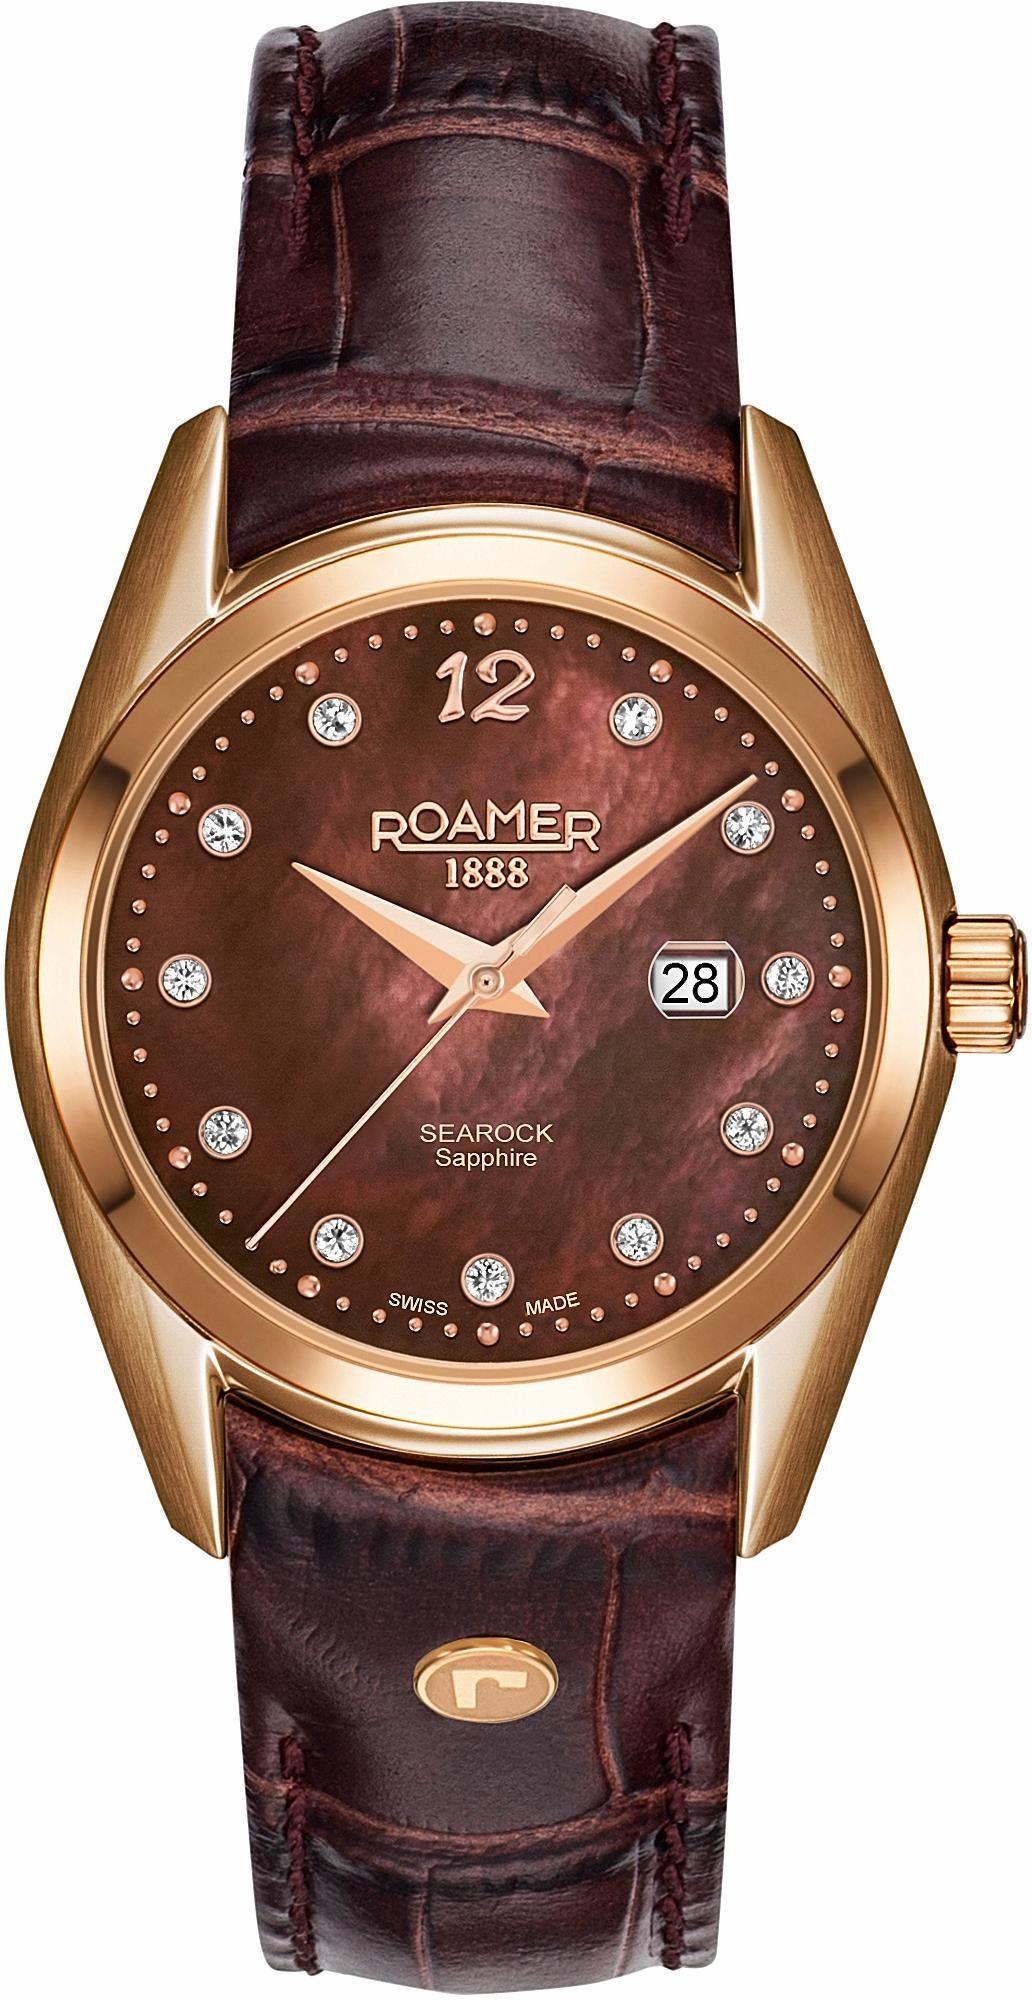 Roamer Schweizer Uhr »SEAROCK LADIES 34 MM, 203844 49 69 02«